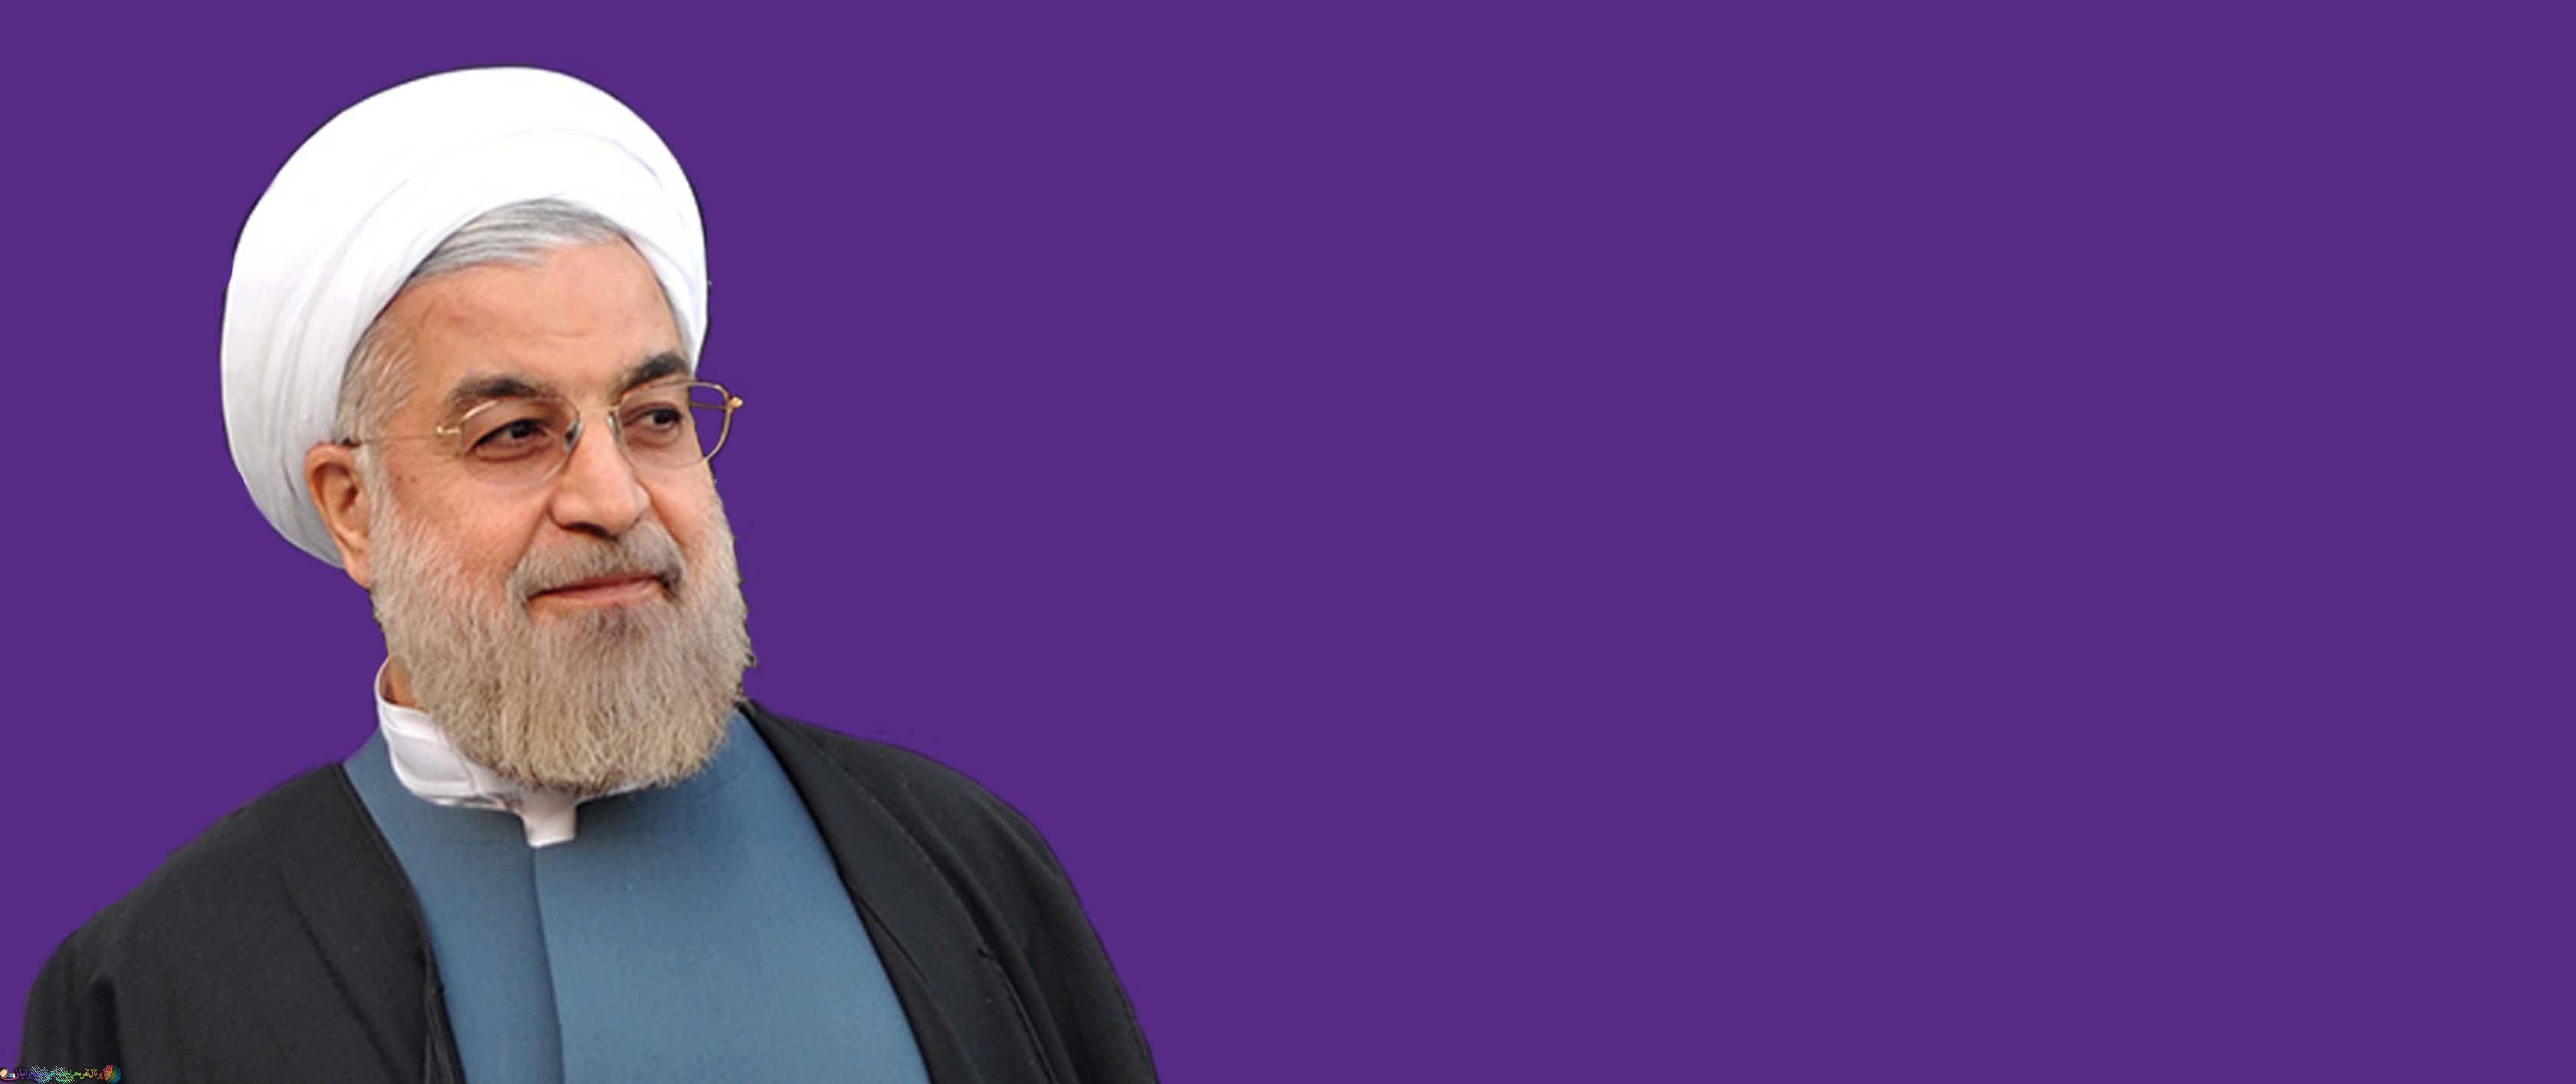 سخنی با رئیس جمهور منتخب ملت جناب آقای حسن روحانی